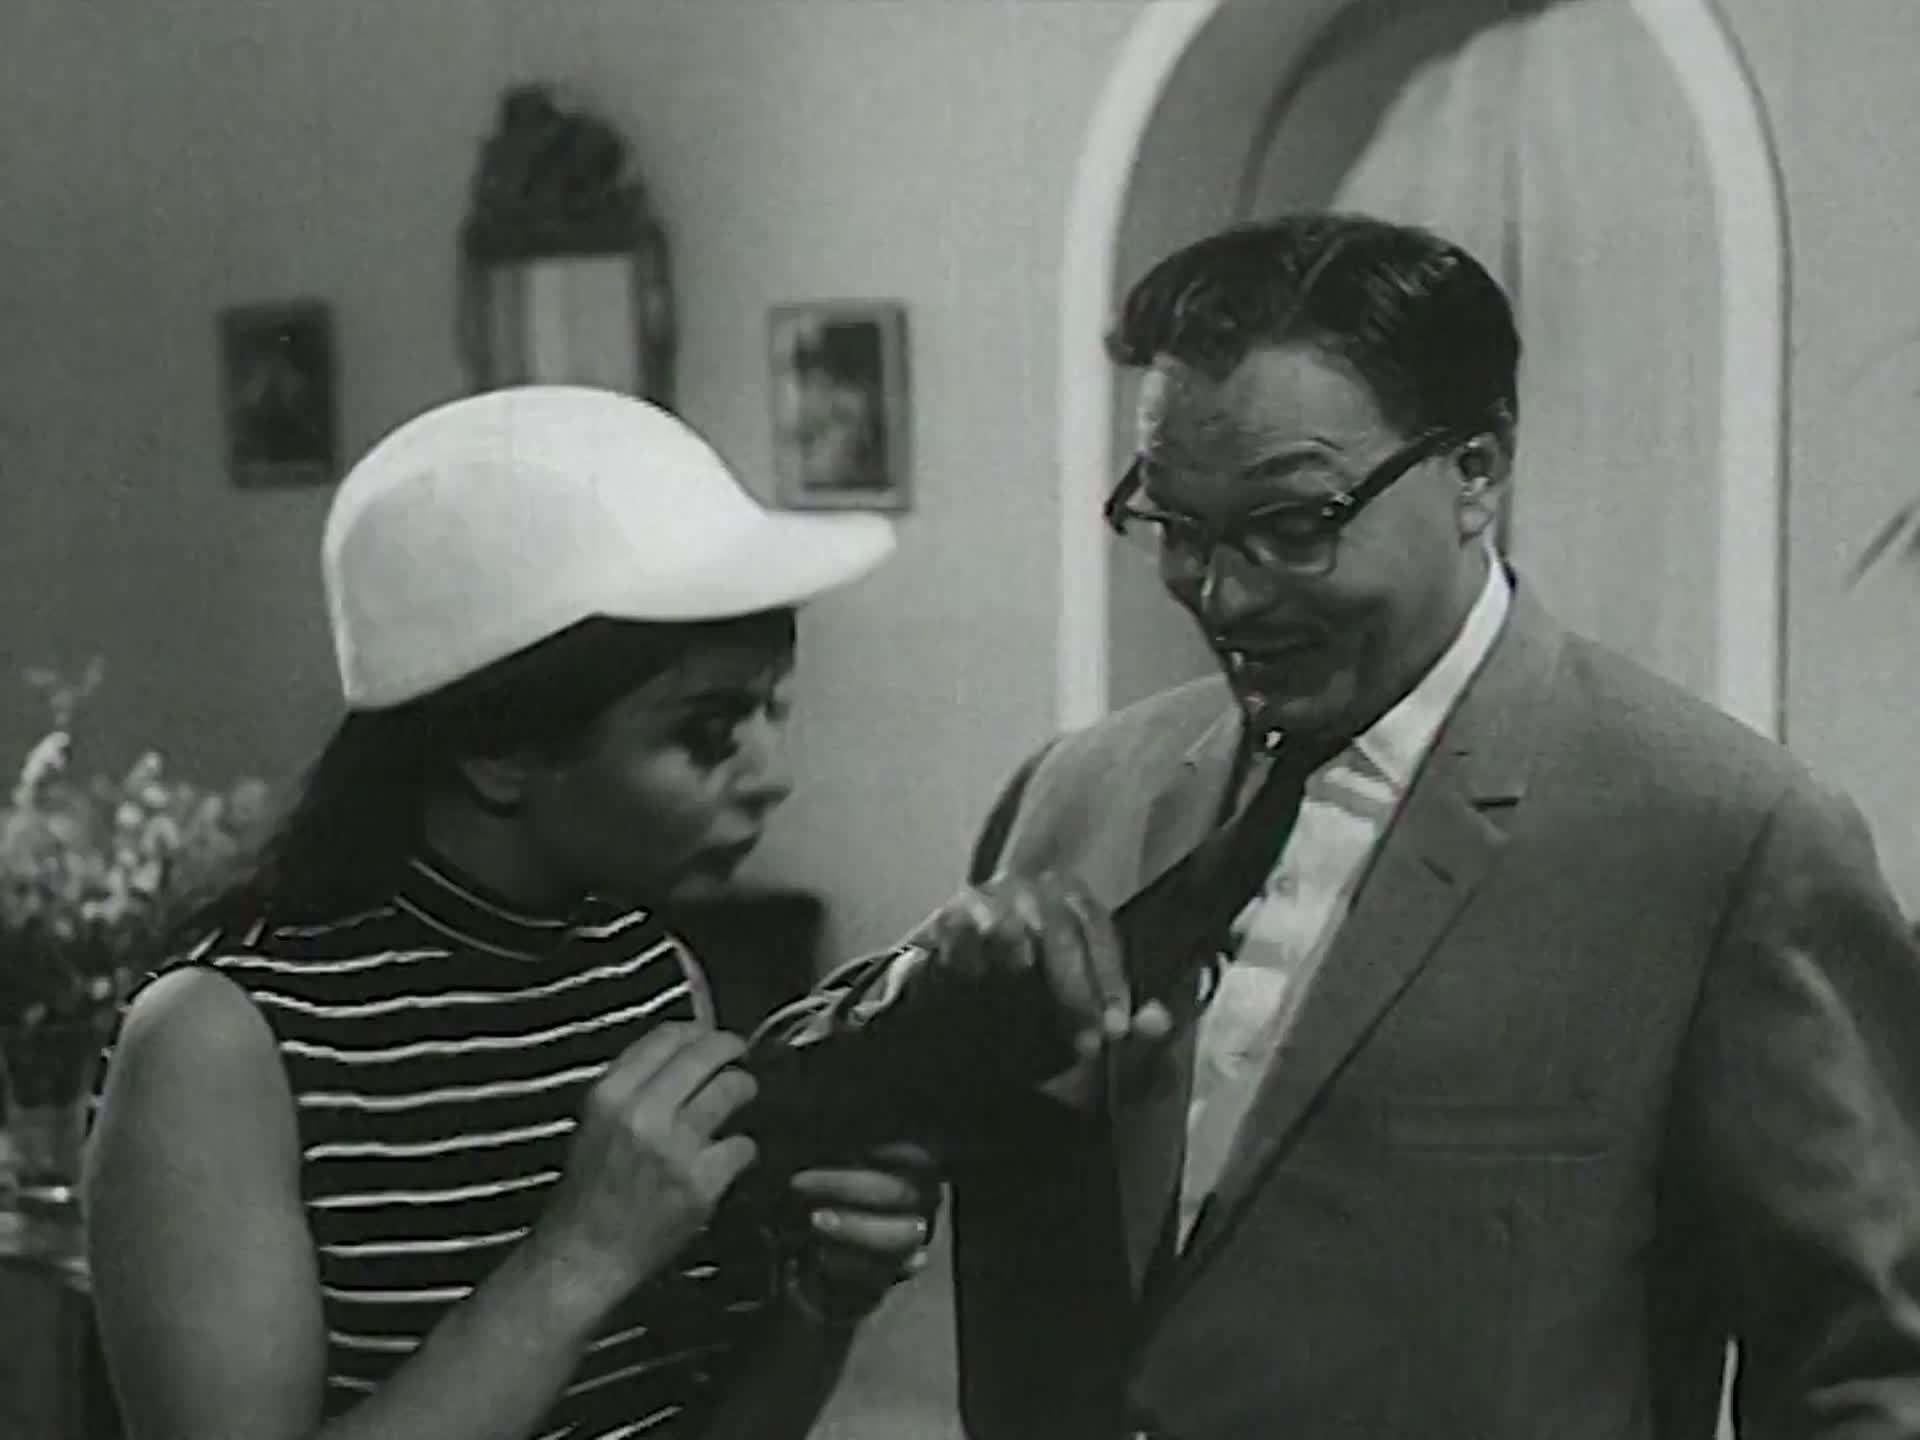 [فيلم][تورنت][تحميل][حواء والقرد][1968][1080p][Web-DL] 7 arabp2p.com